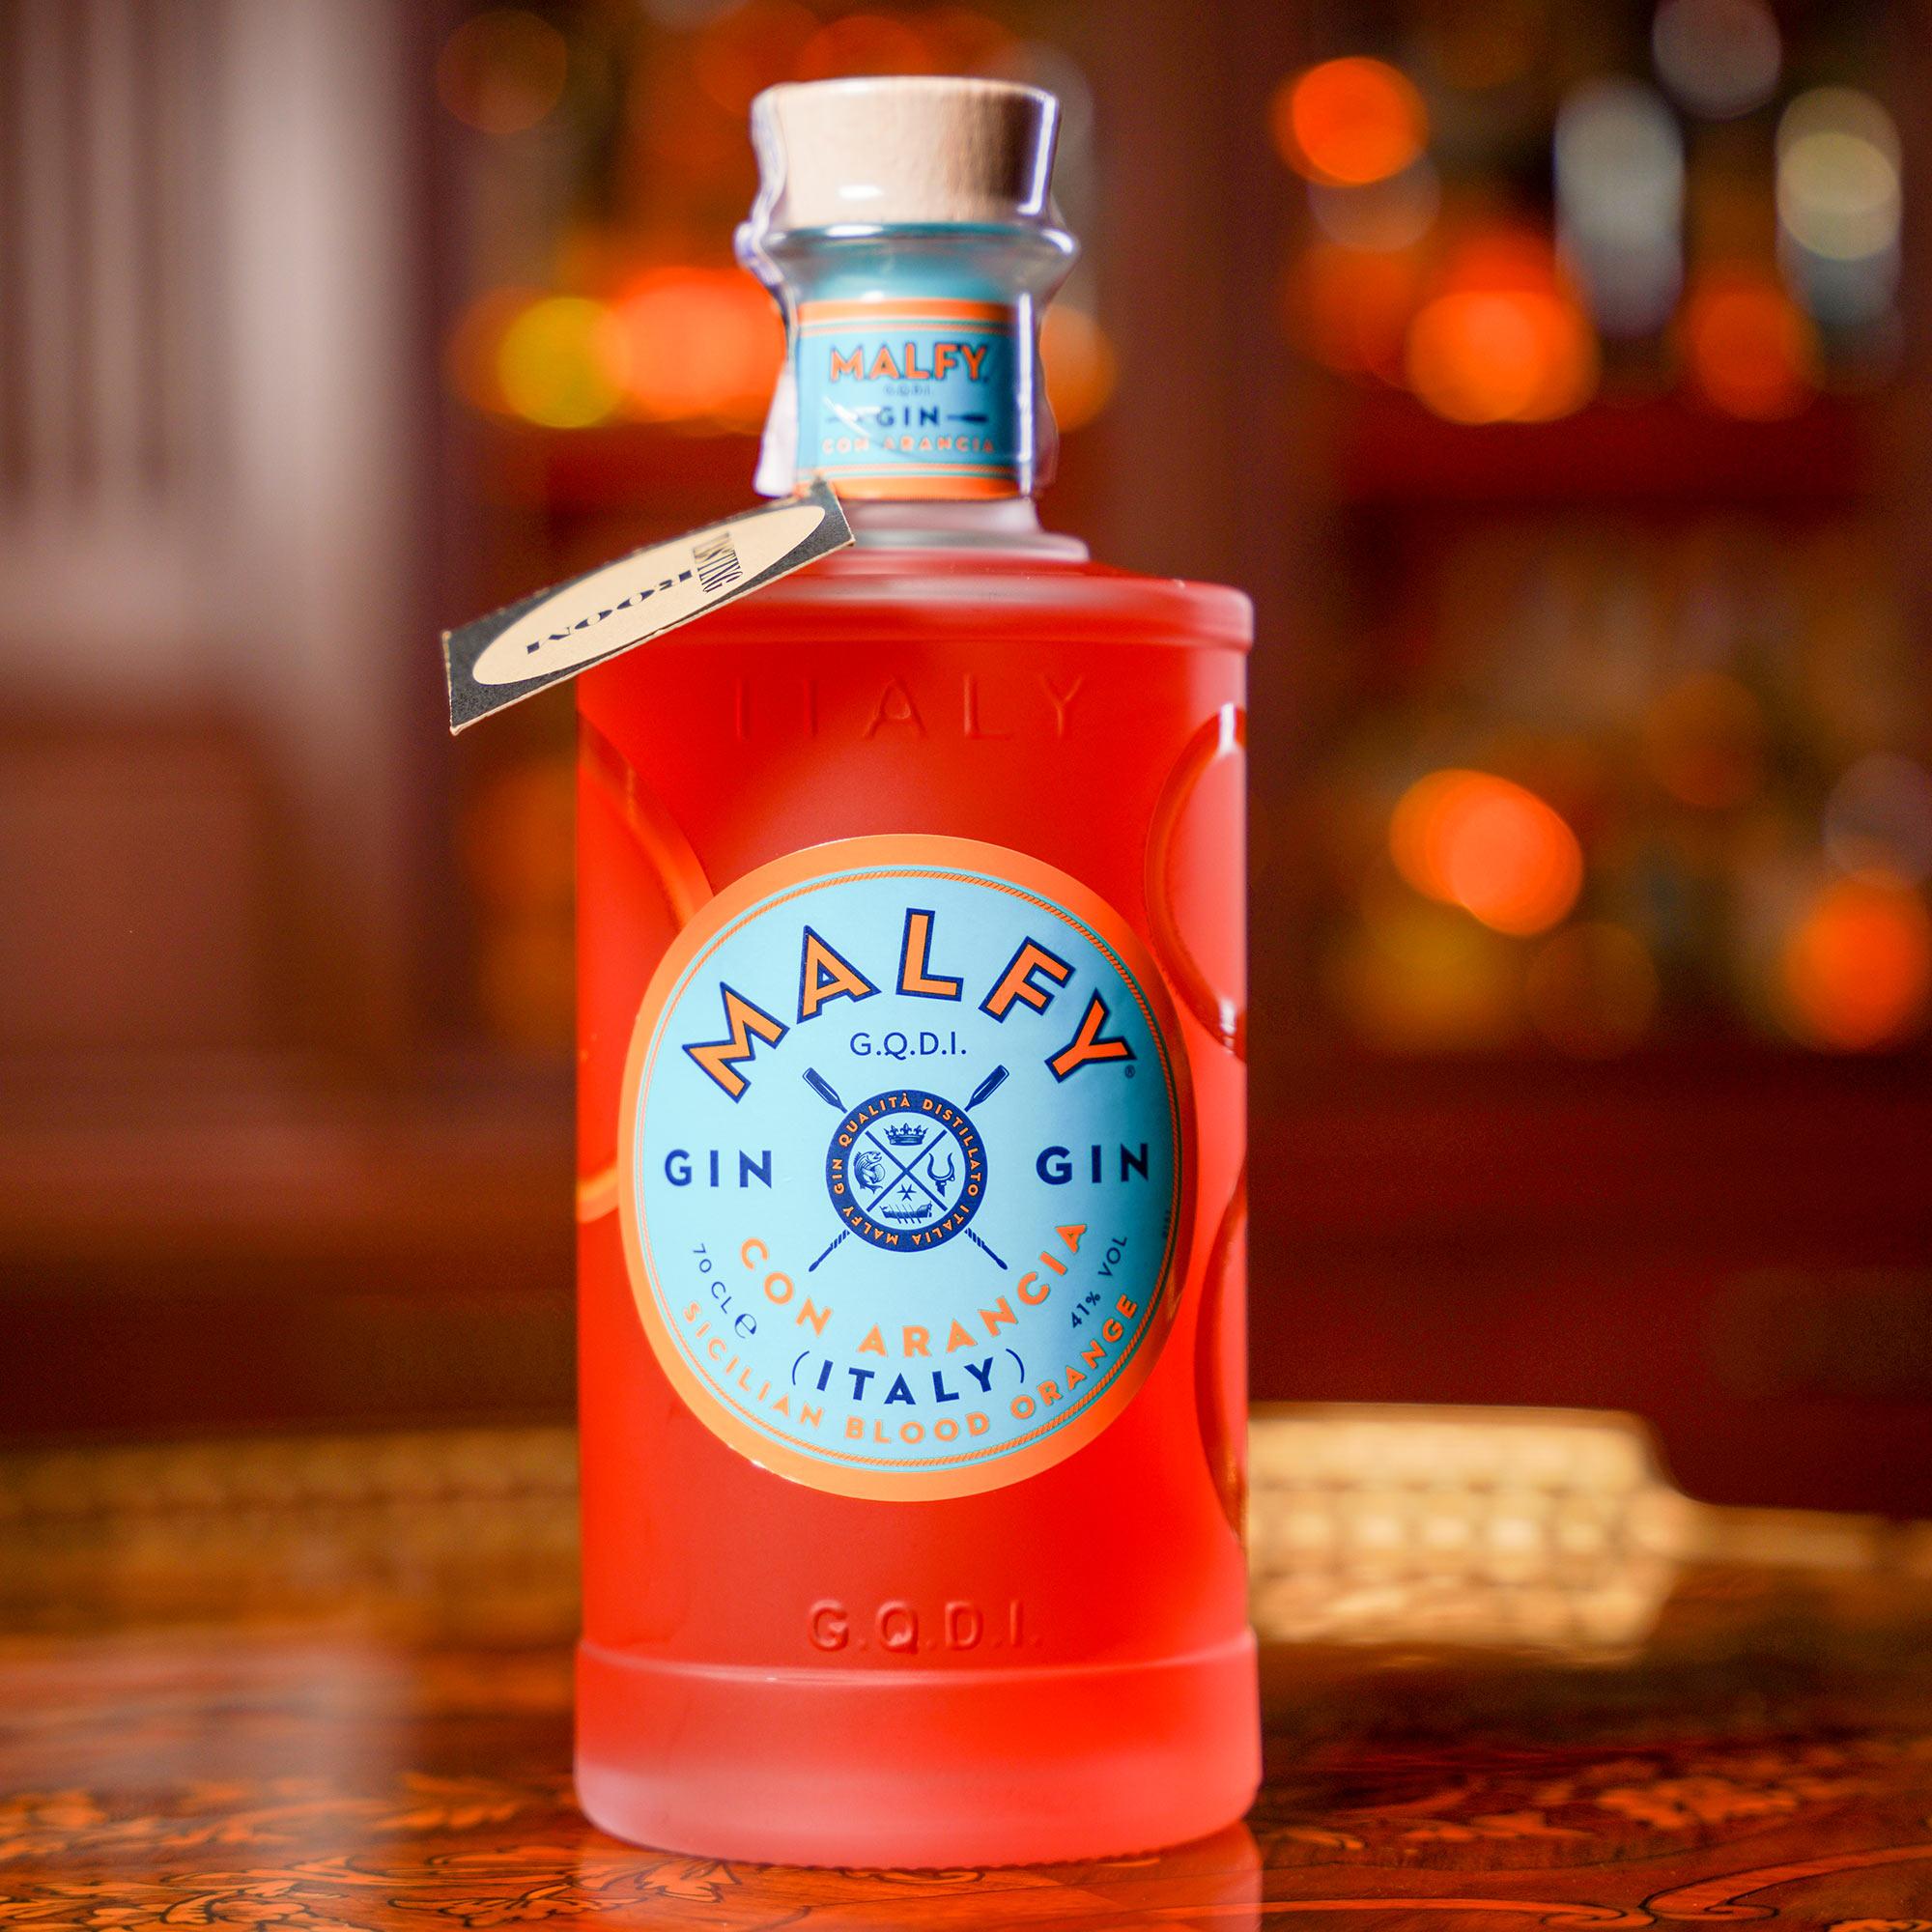 Malfy Con Arancia/Malfy Blood Orange Gin / Малфи Аранчия или Малфи Кървав Портокал Джин